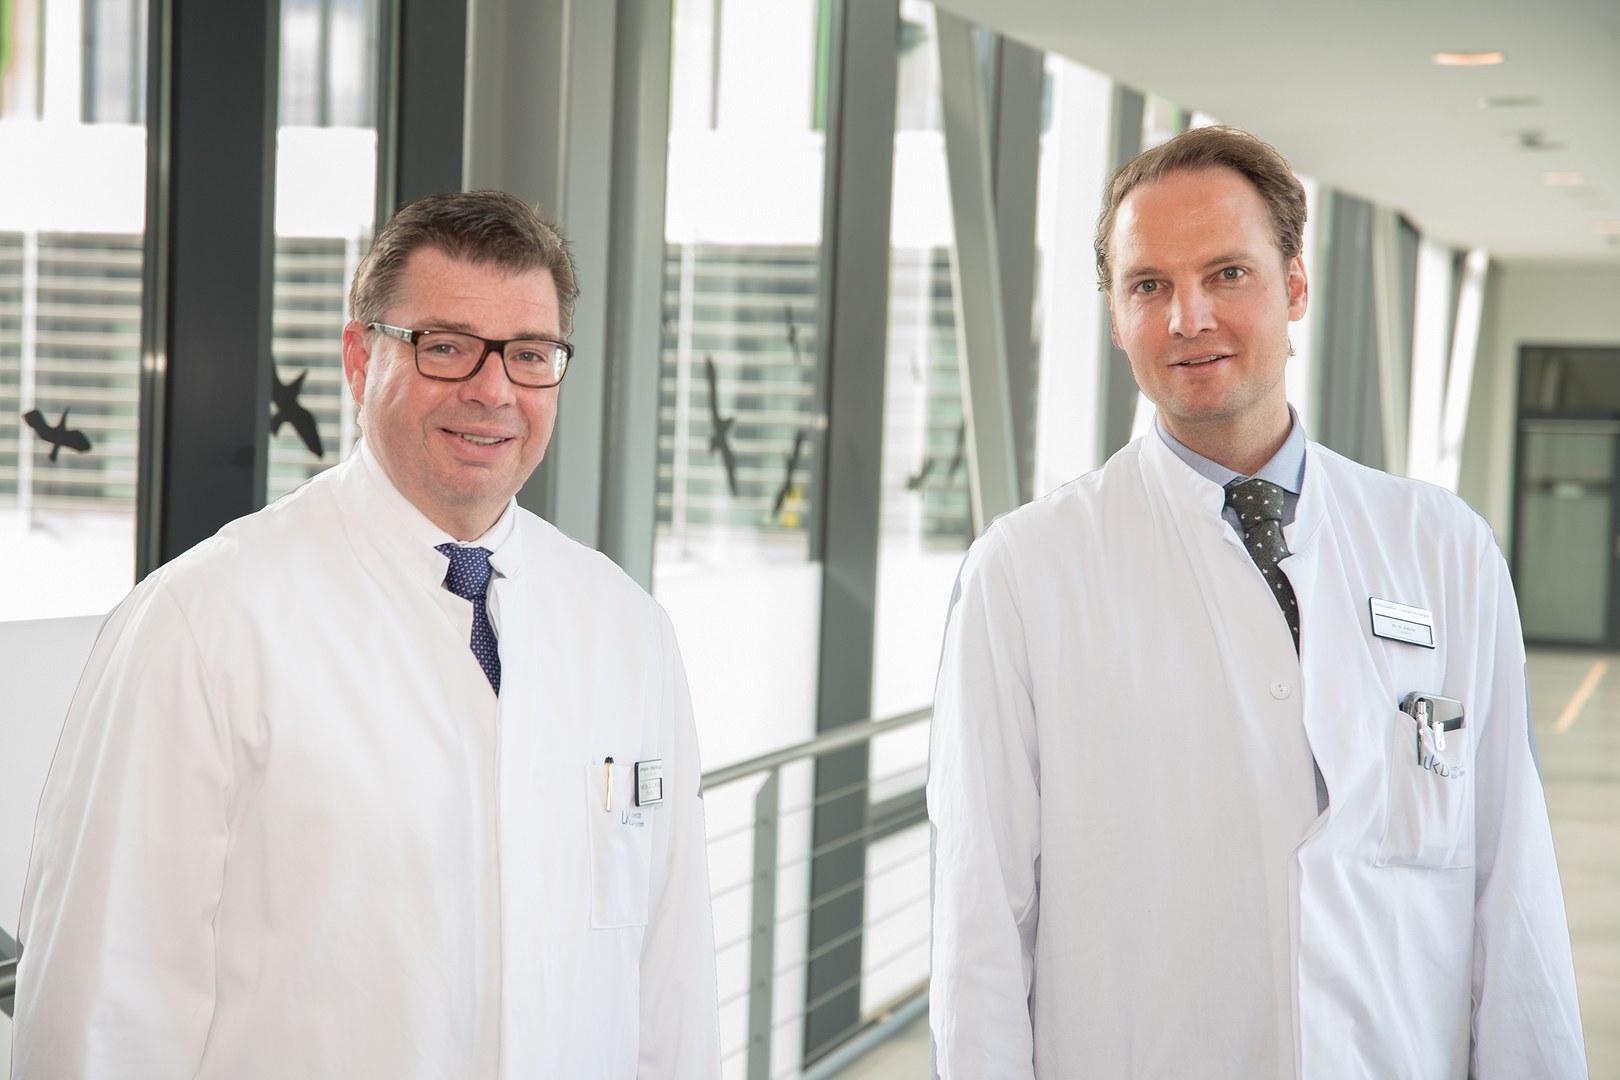 Patientenkolloquium des Universitätsklinikums Bonn am 6. Mai: